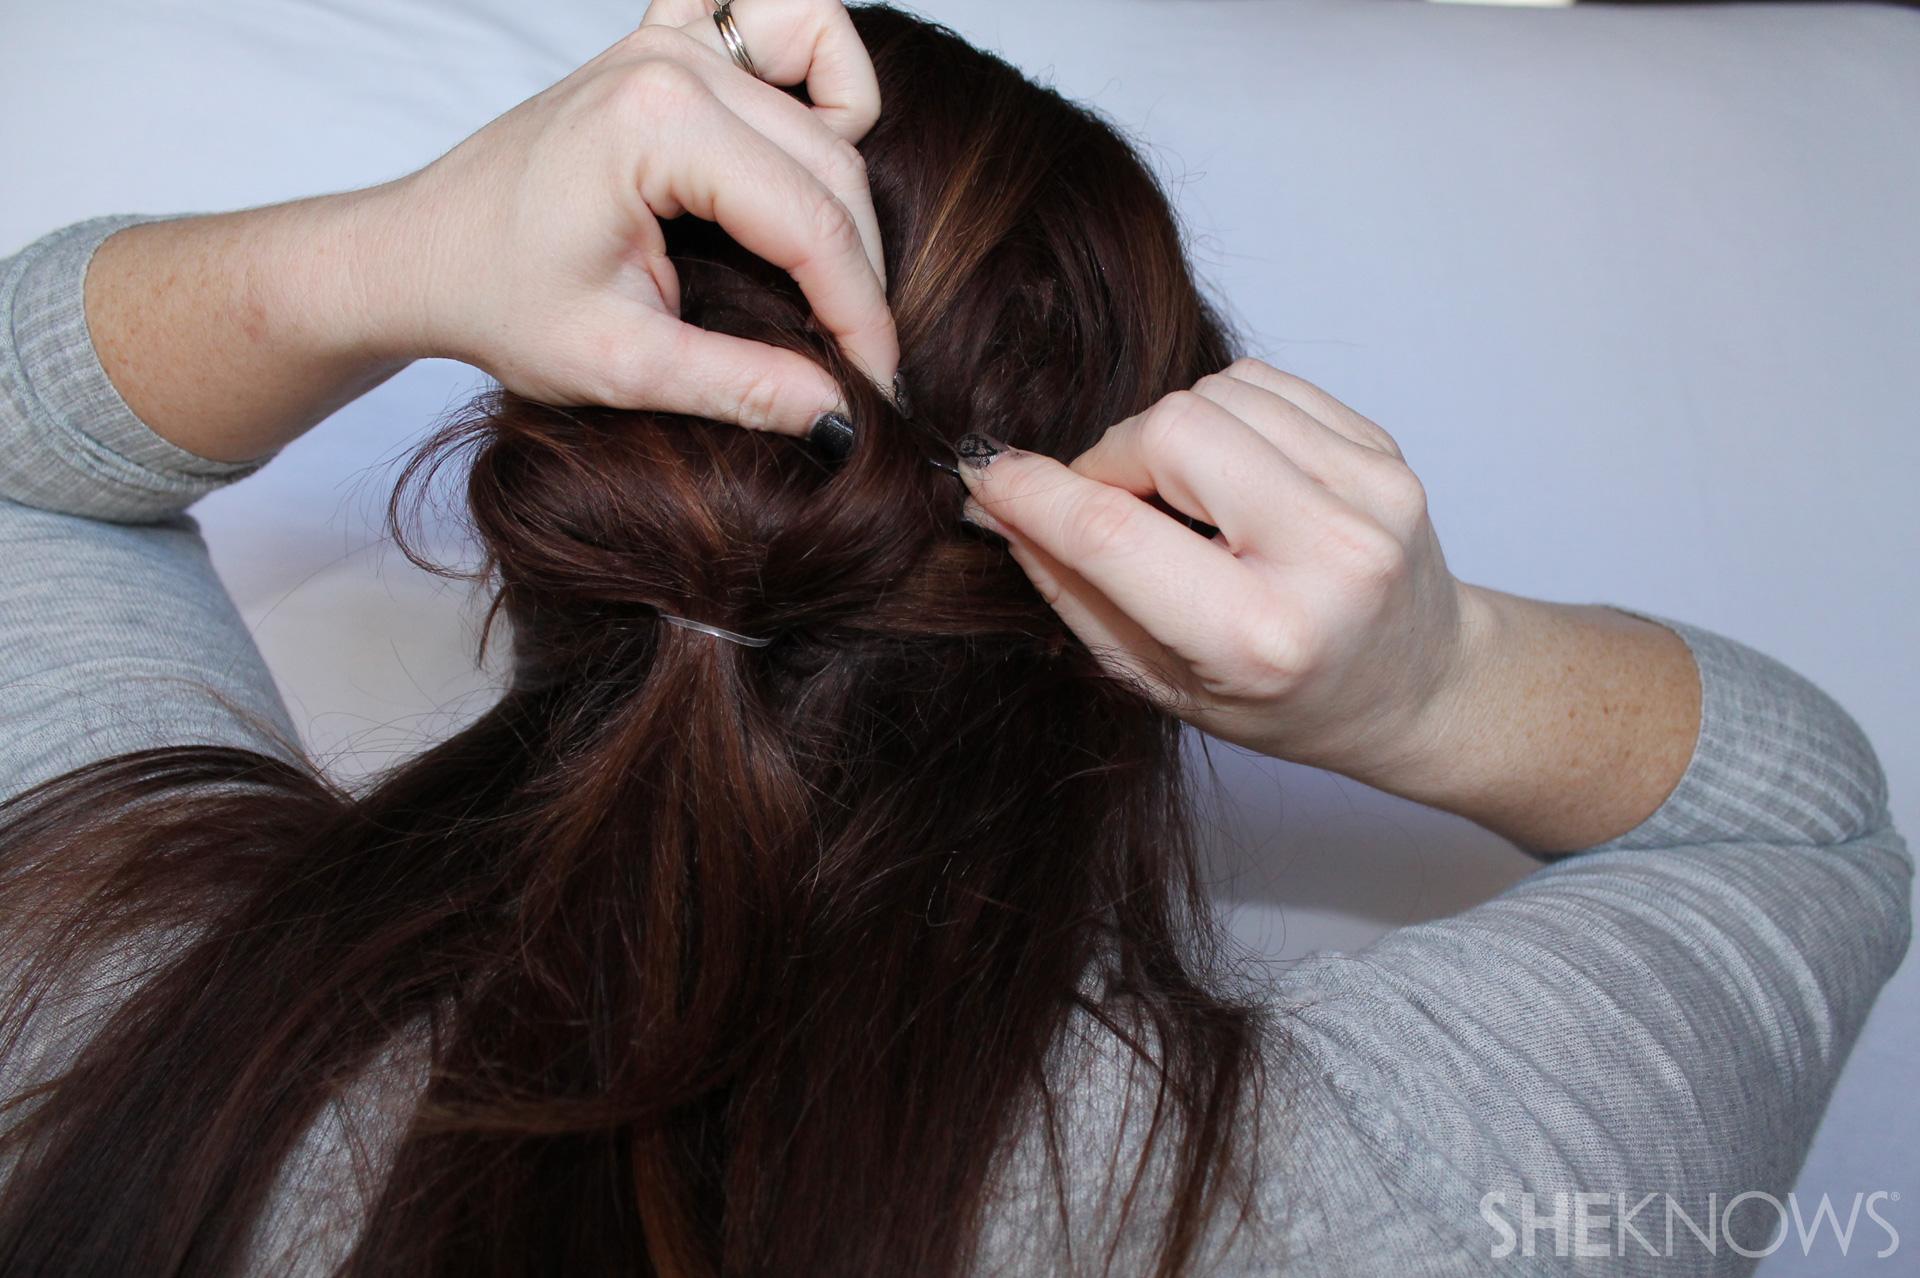 Thin hair tutorial | Sheknows.com - step 10